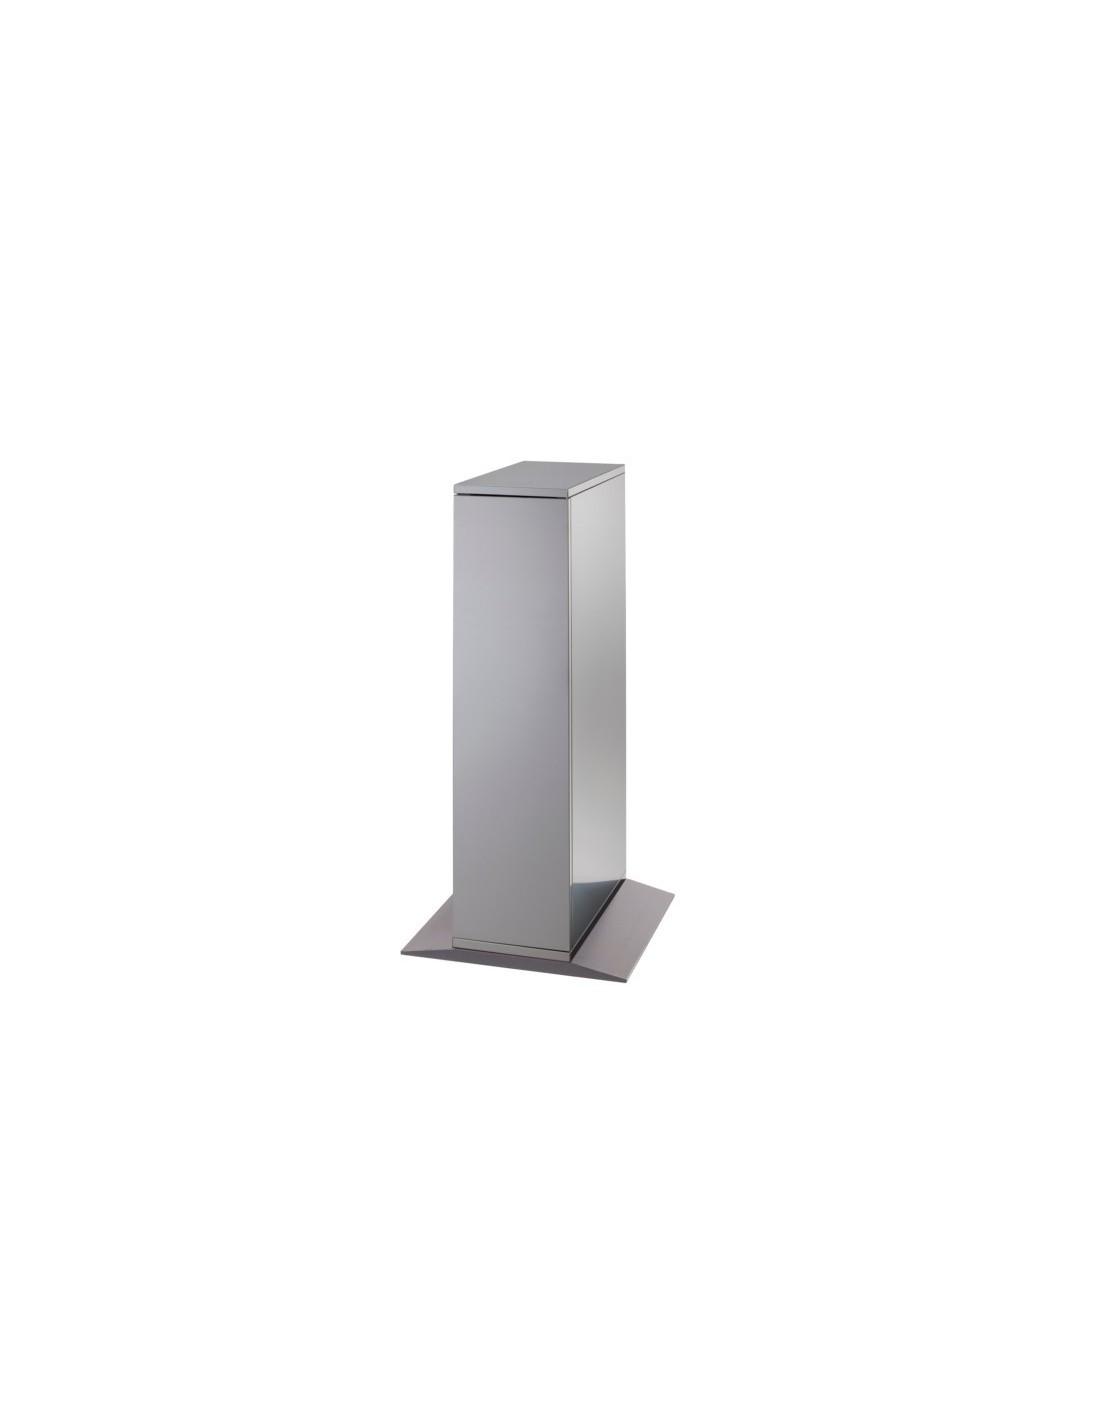 UPP00129 - Tillbehör - Blupura BluSoda Cabinet 30